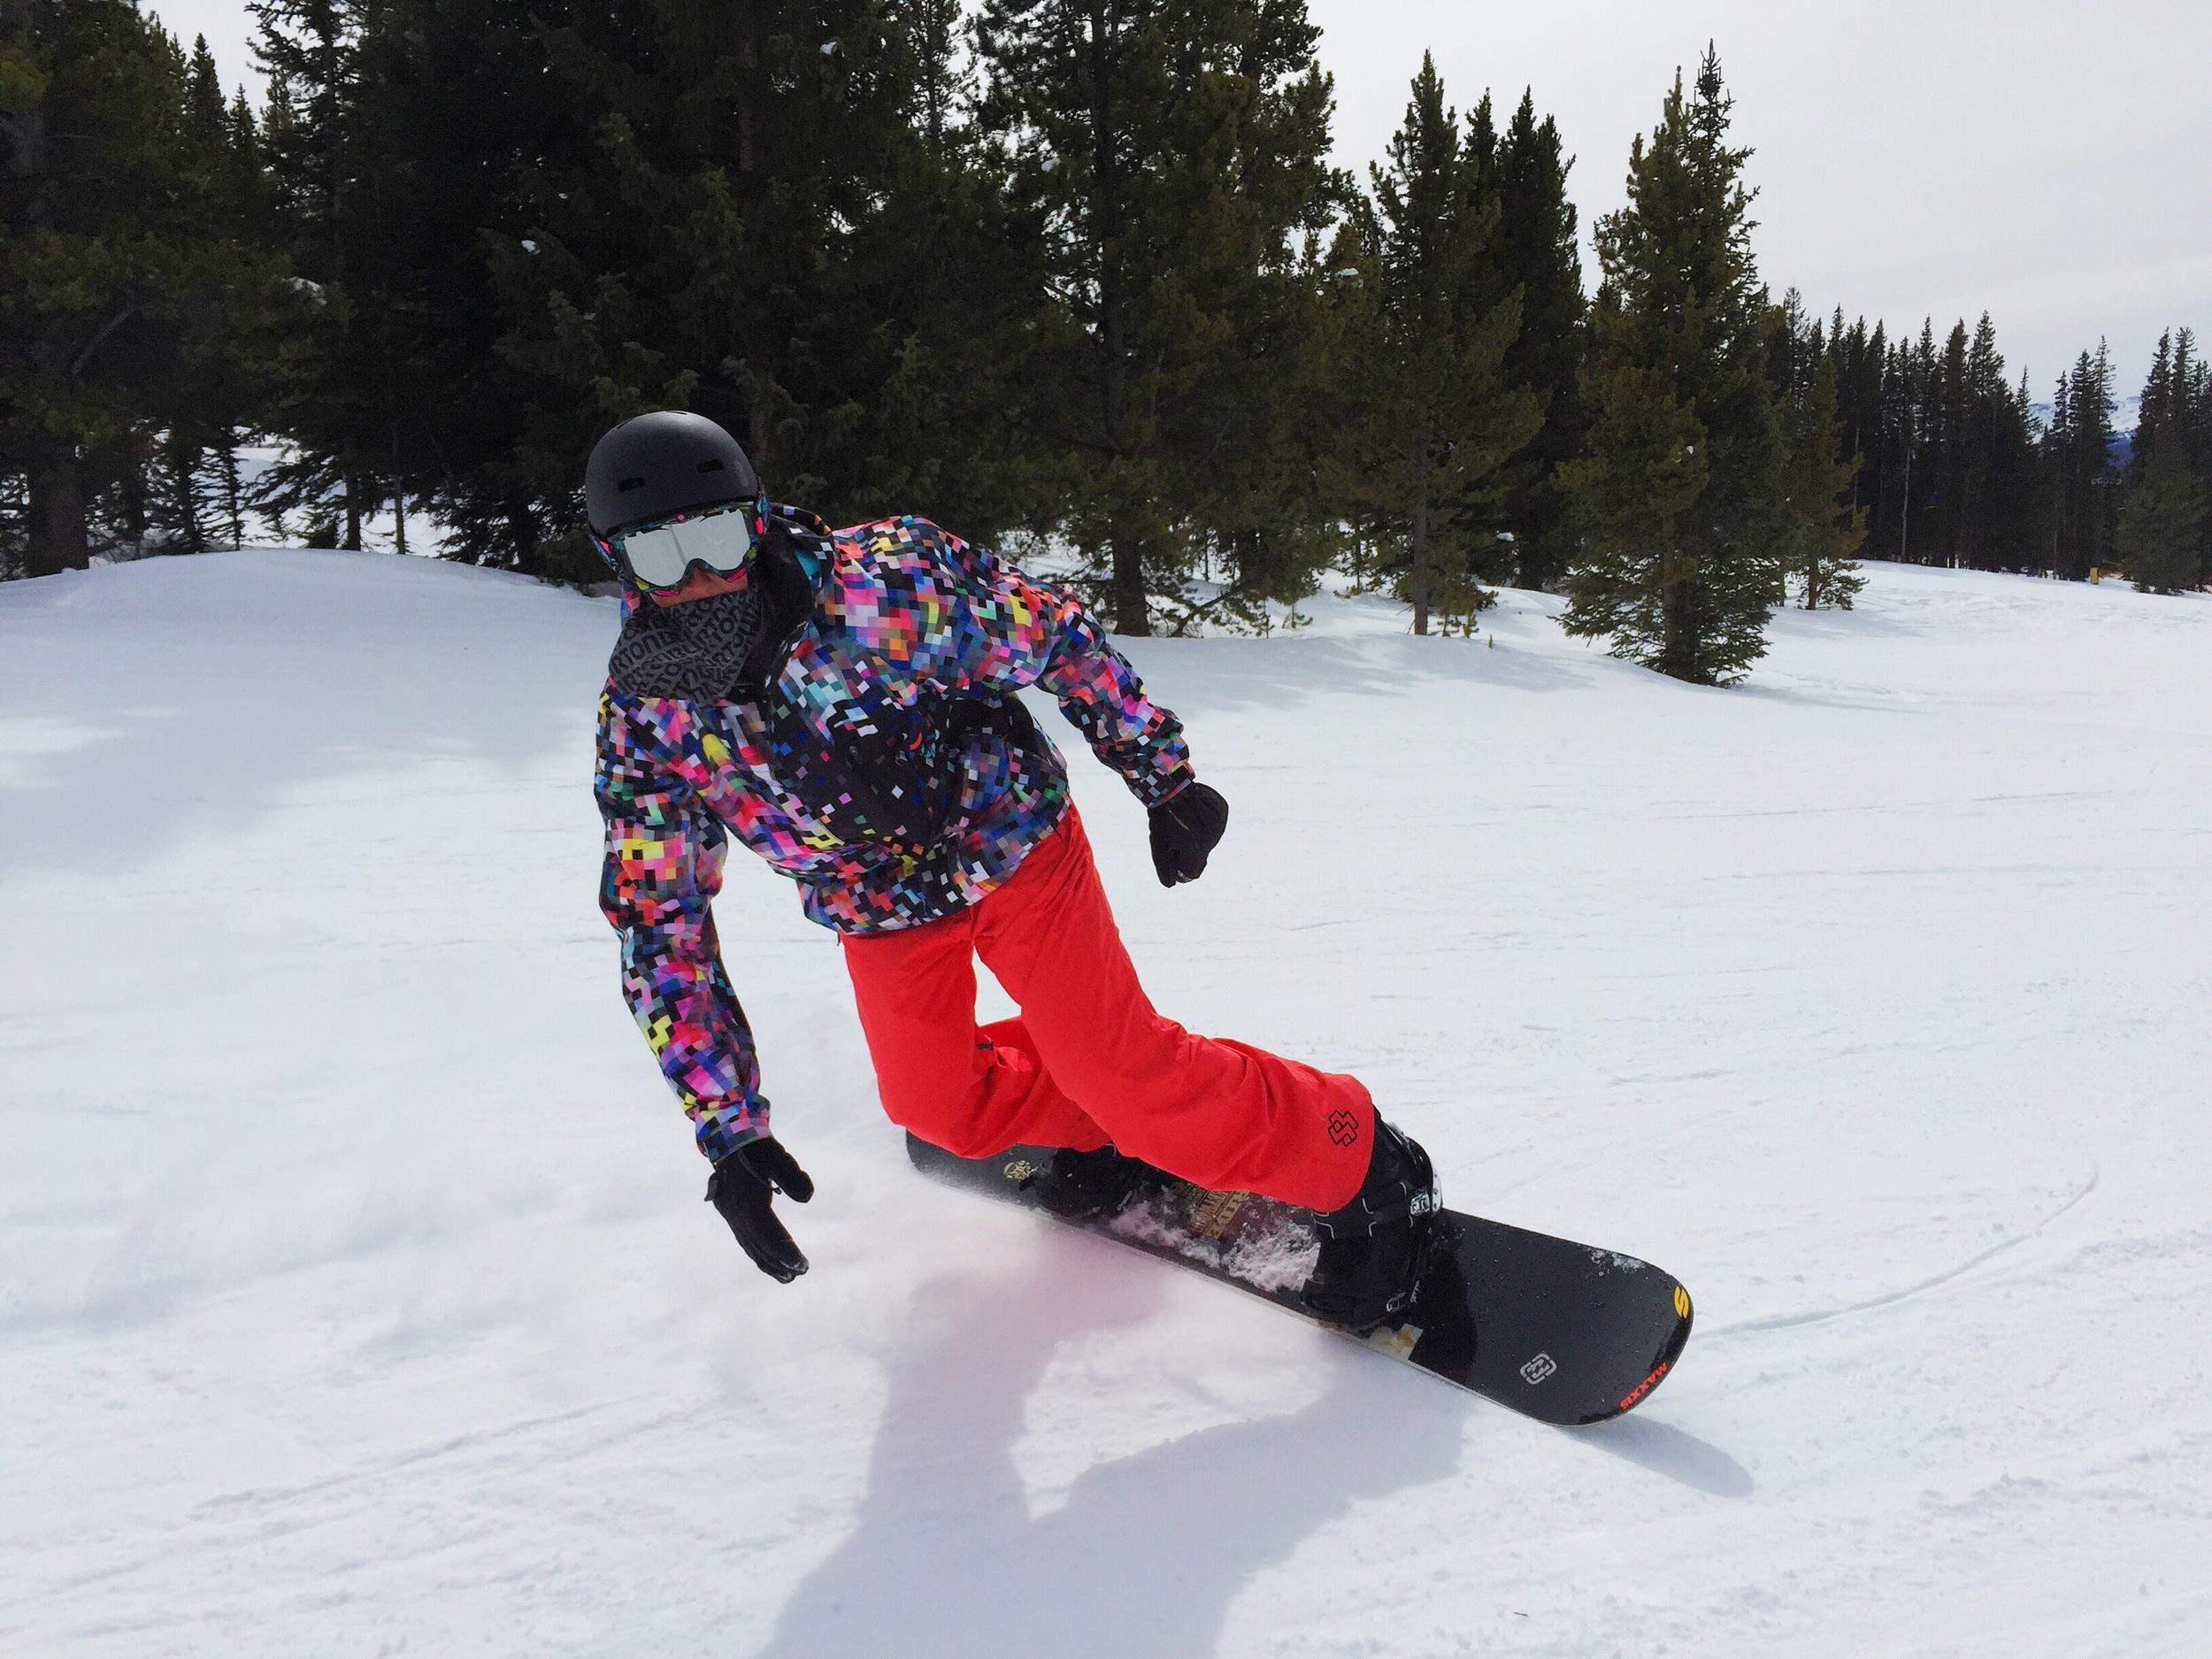 Ben Cork, Ski Cooper, 3.11.15